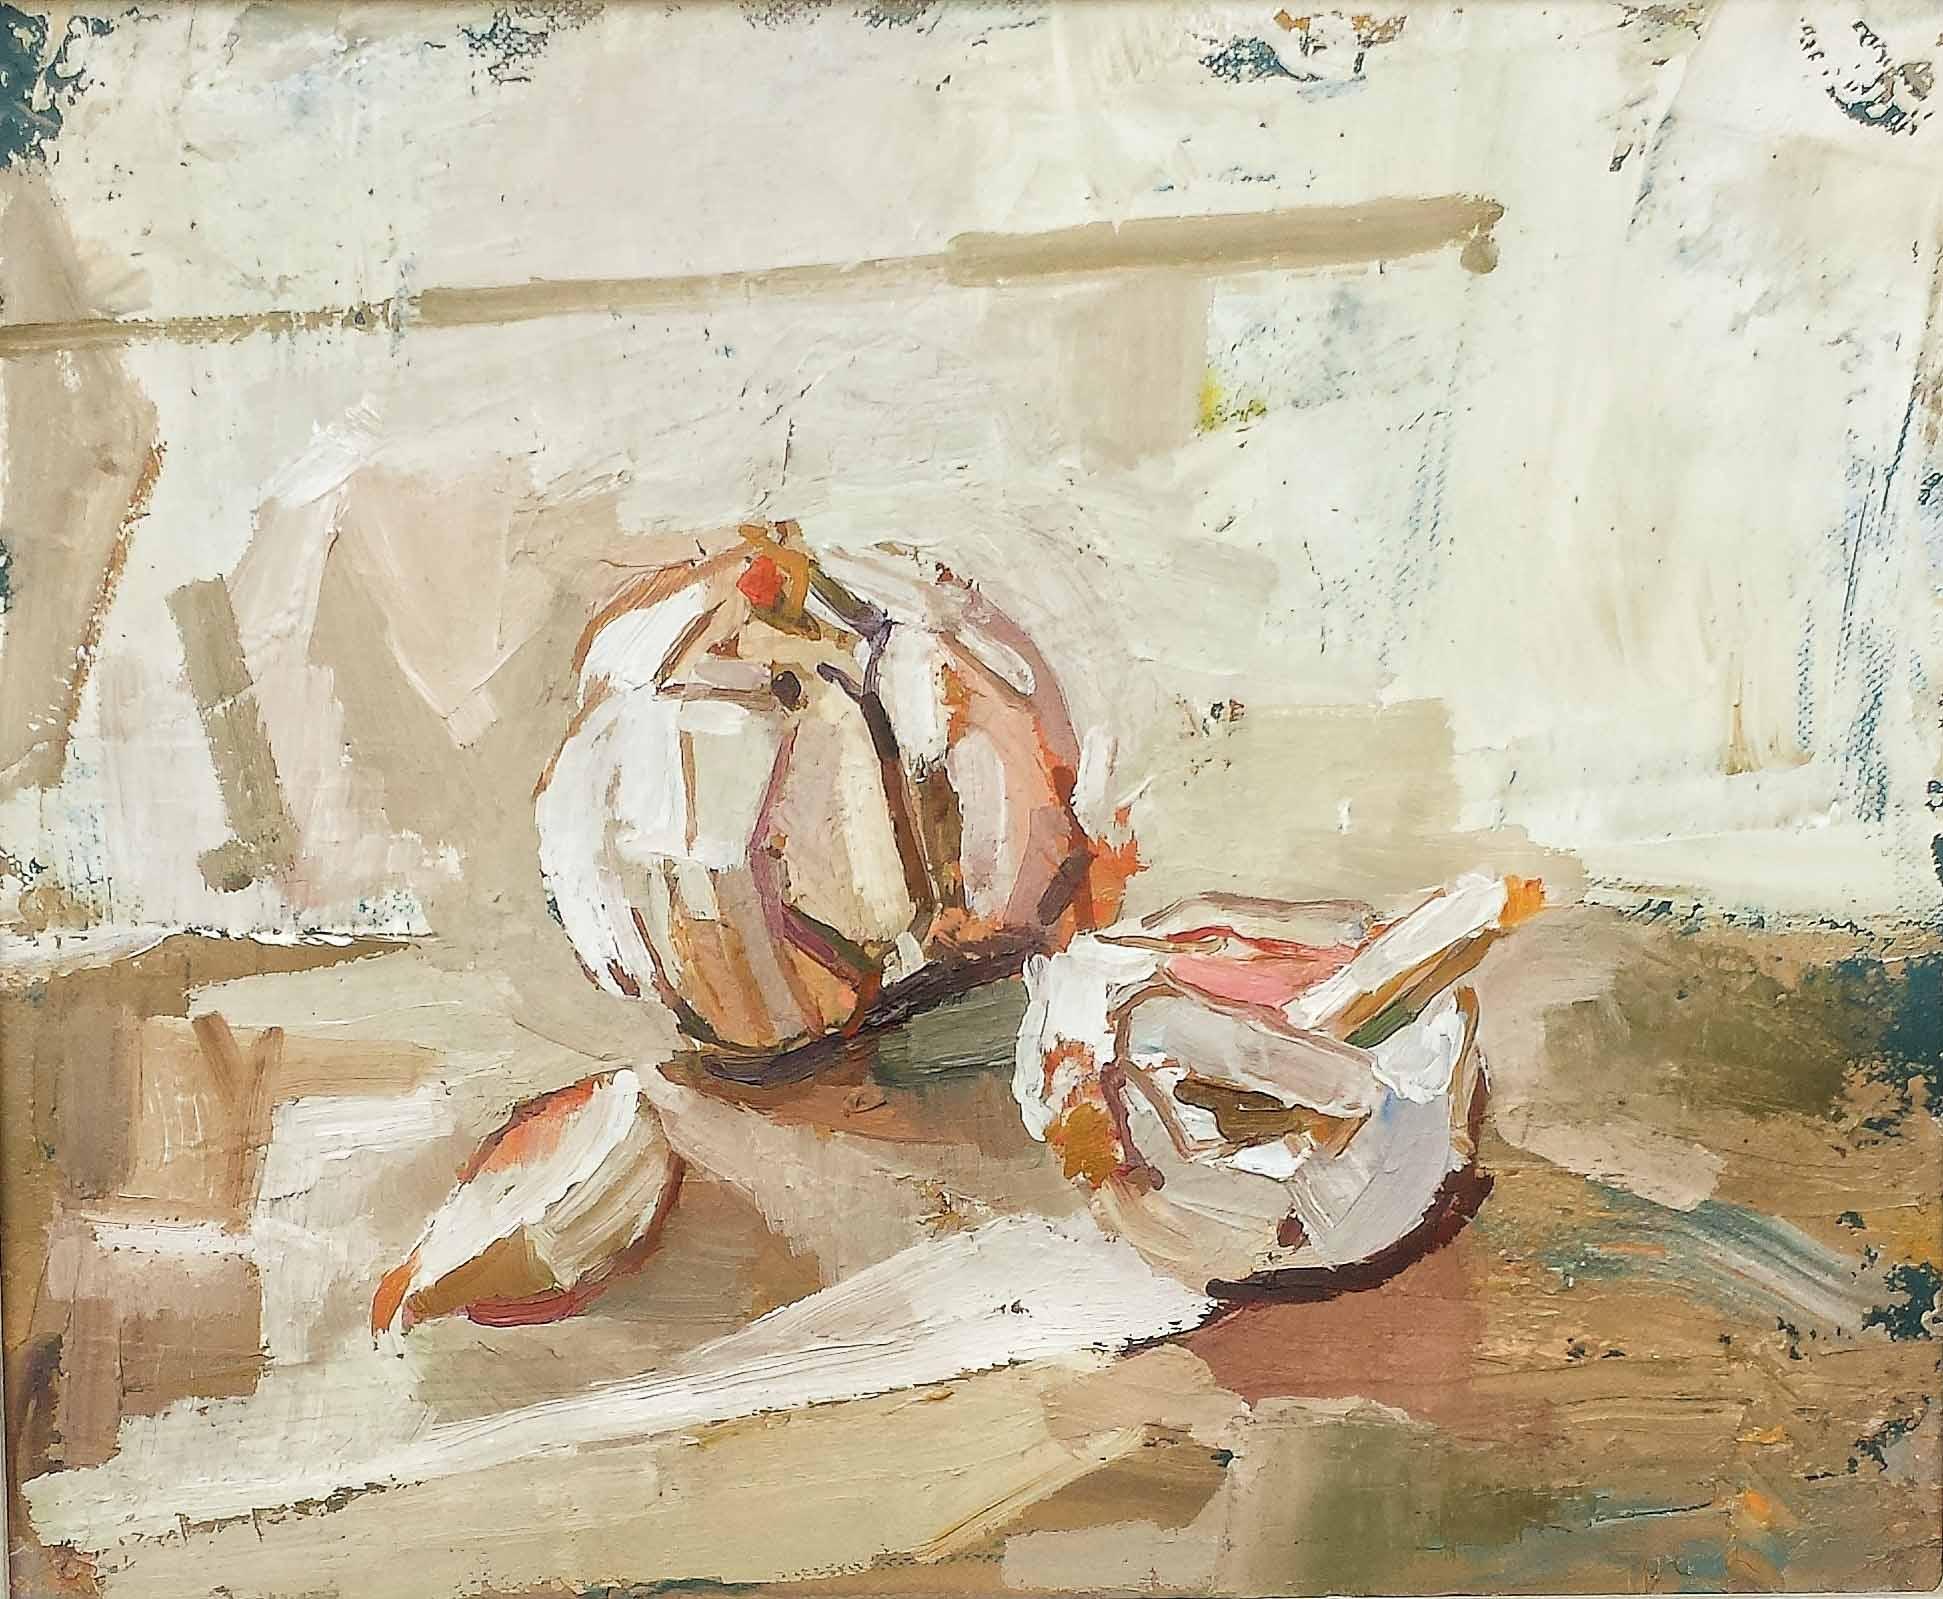 30 x 25 cm Garlic, Oil on Canvas